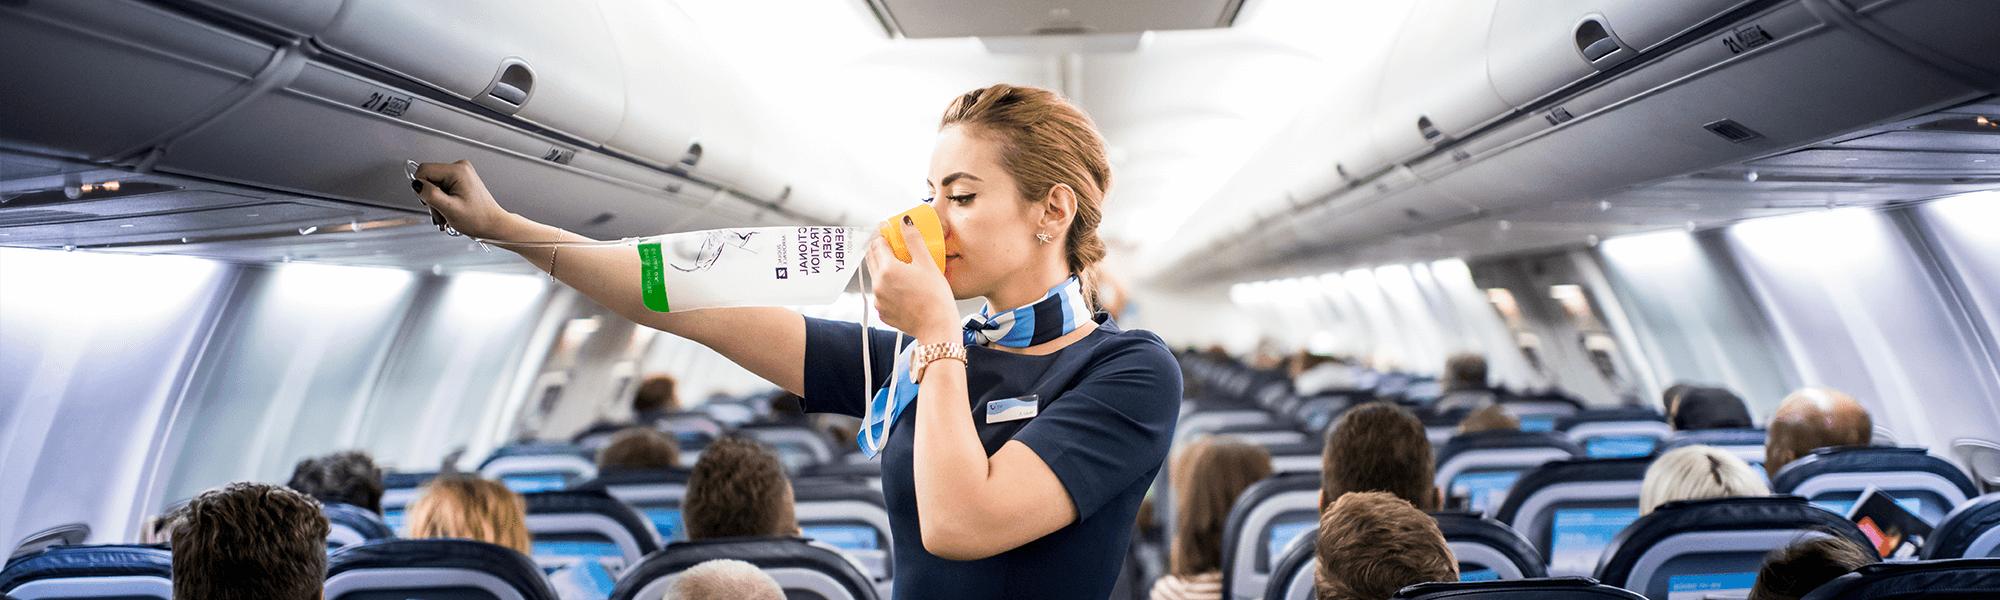 Ausbildung bei TUI fly – Traumjob über den Wolken Teil 4